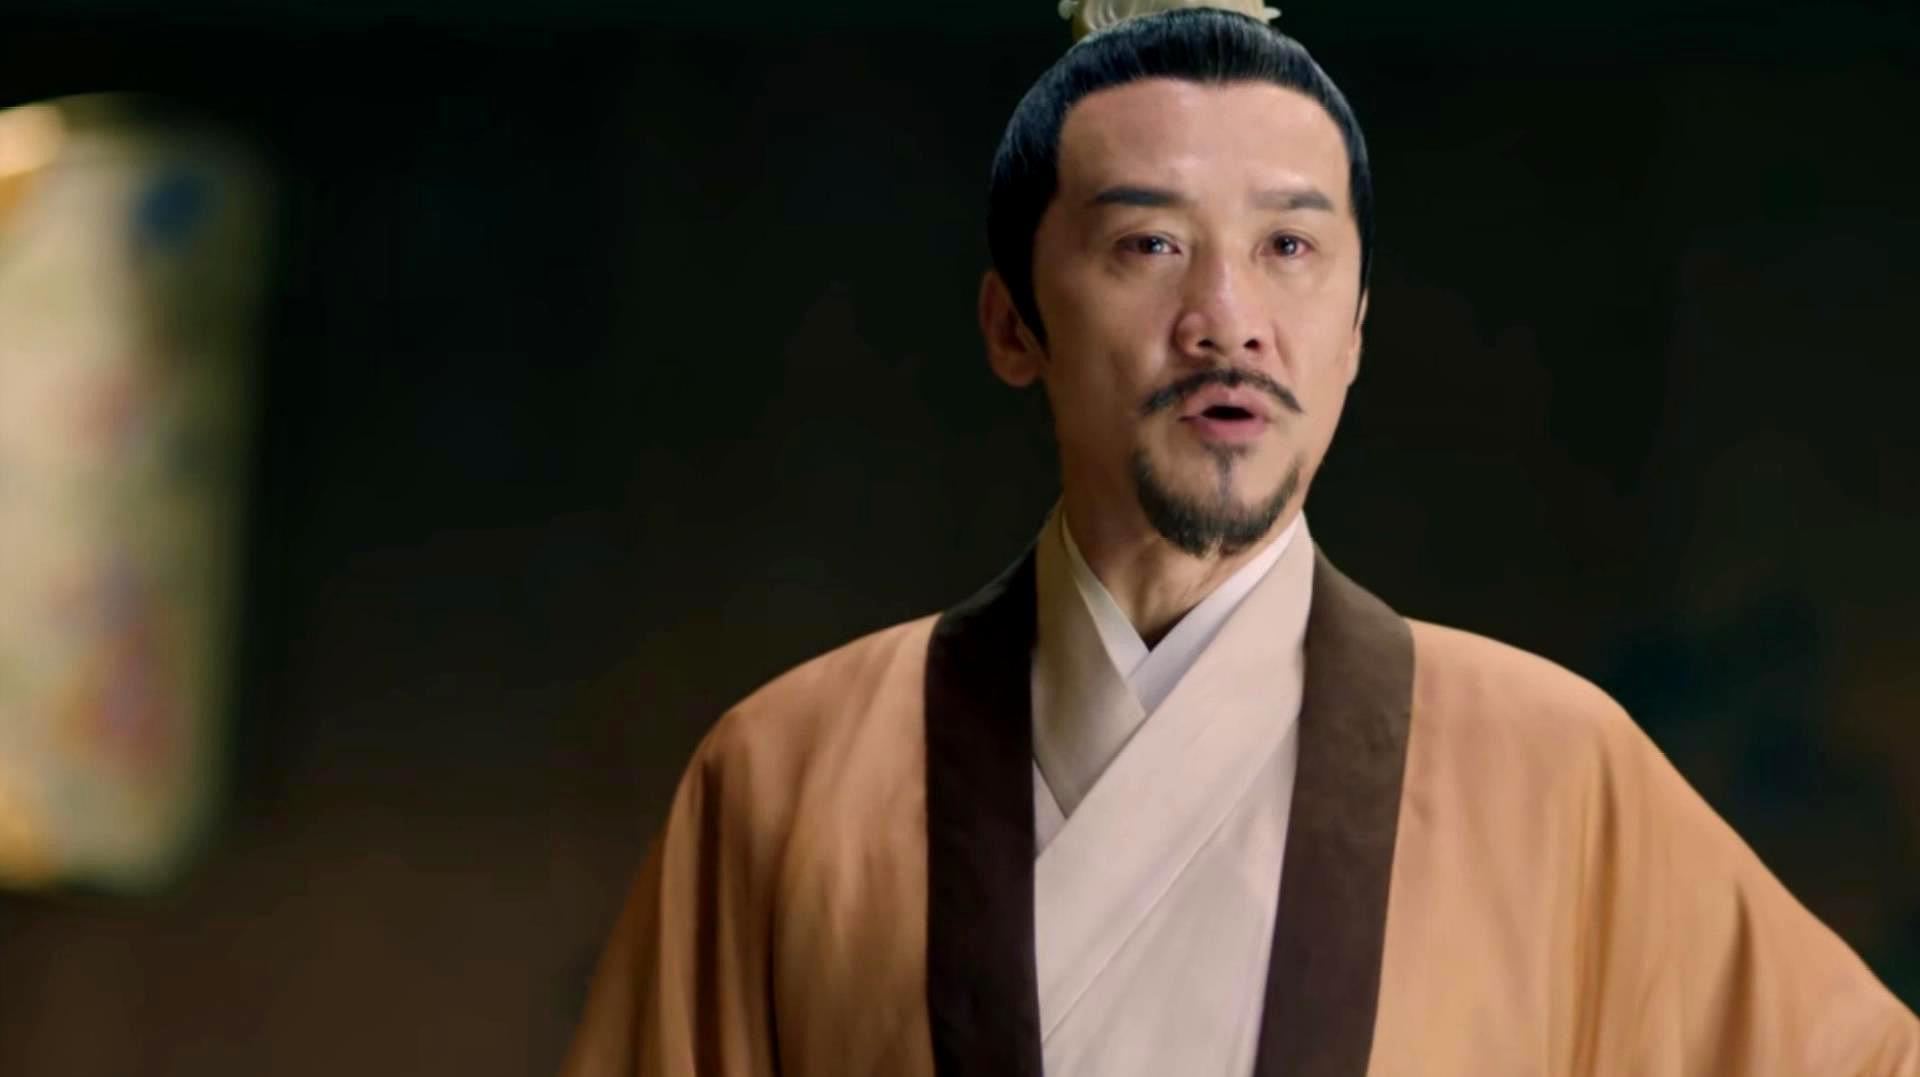 鹤唳华亭:萧定权当众自尽,临死前一句话,让老皇帝崩溃变疯癫